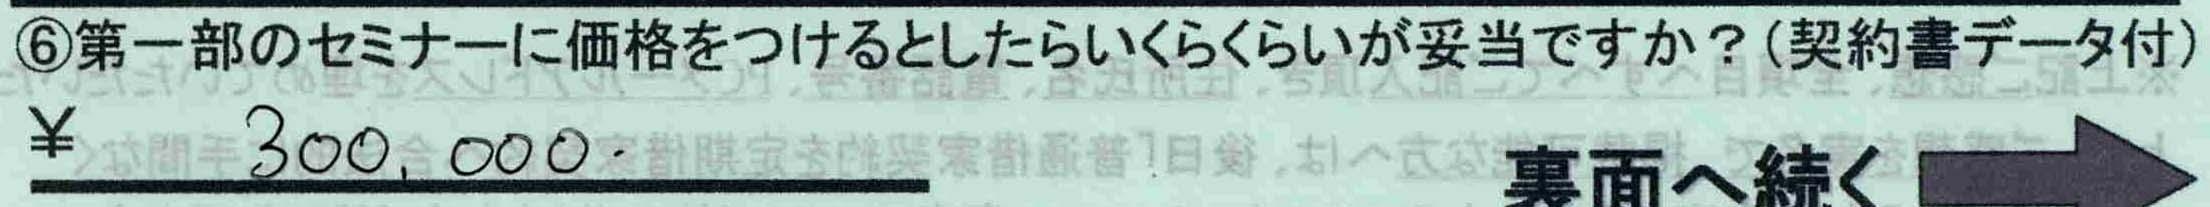 【岐阜県大垣市】【渡部一詩さん】【一部値段】